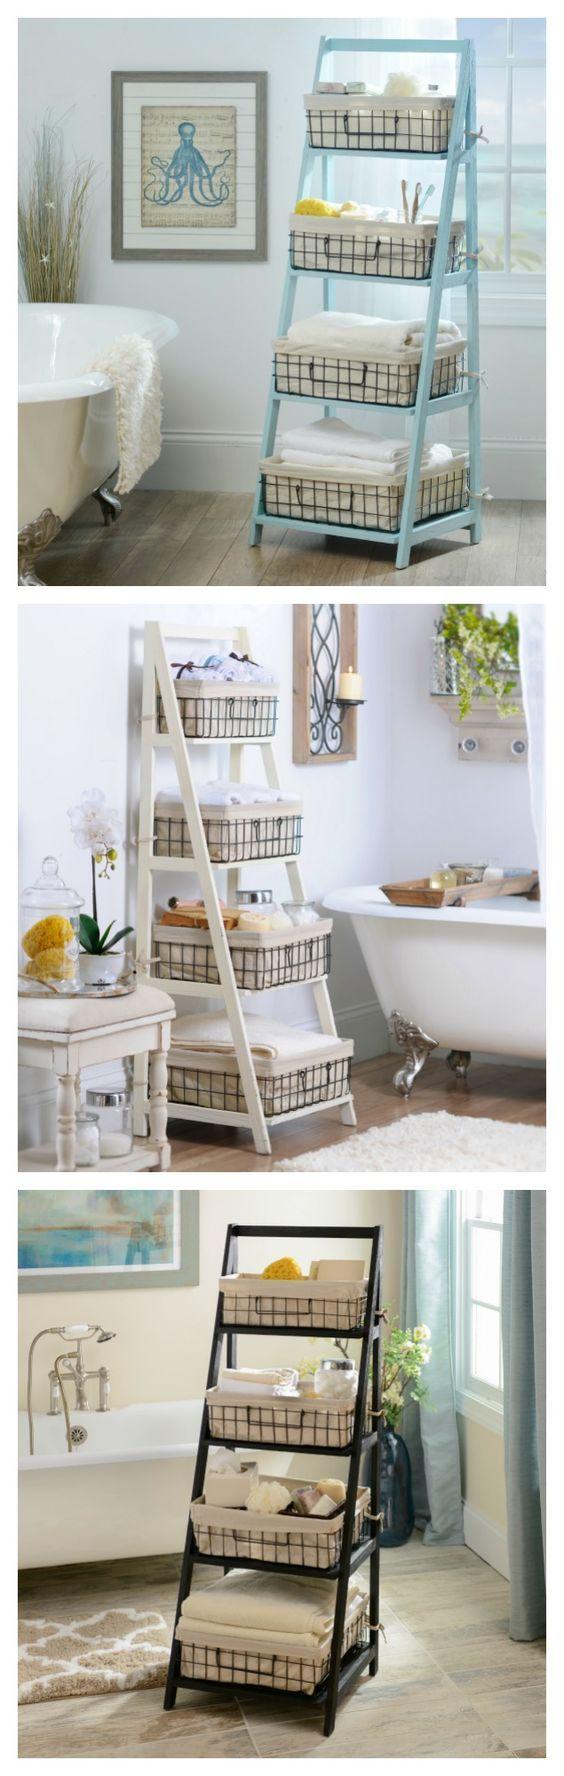 20 ideas geniales para organizar y decorar tu ba o cosas for Confeccionamos muebles de bano en palet